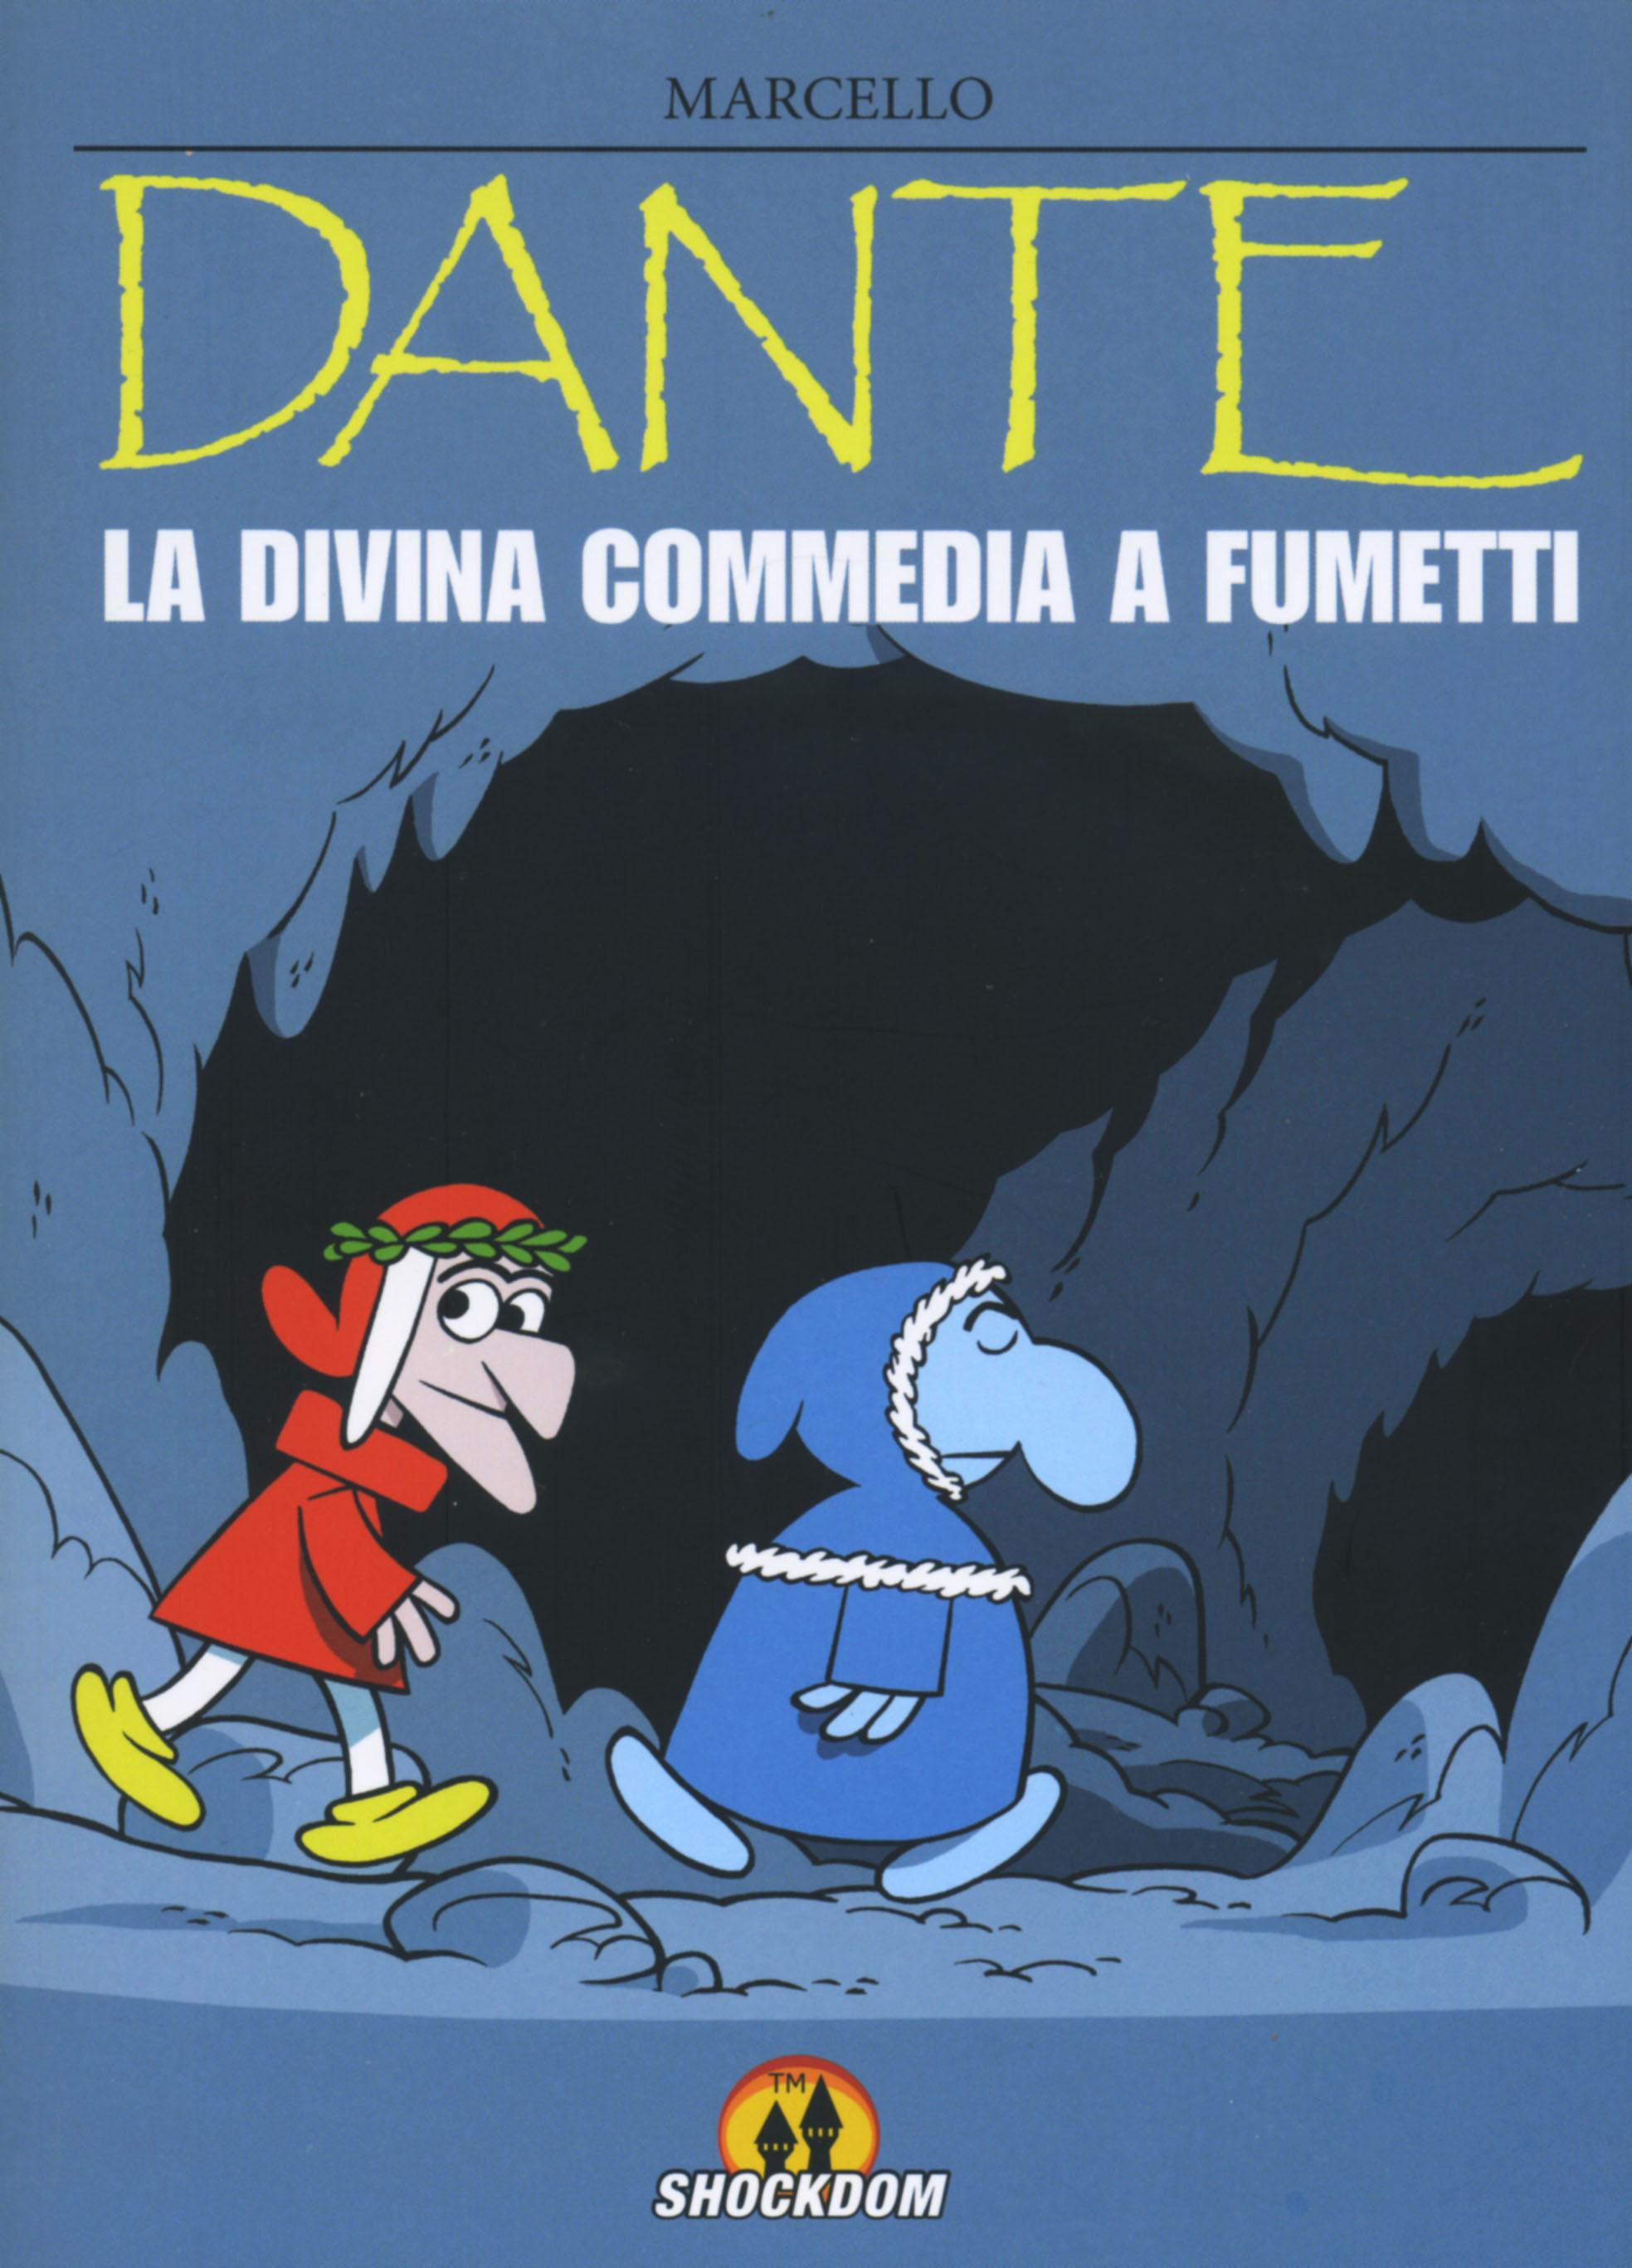 Marcello Toninelli, Dante La Divina Commedia a fumetti, Shockdom